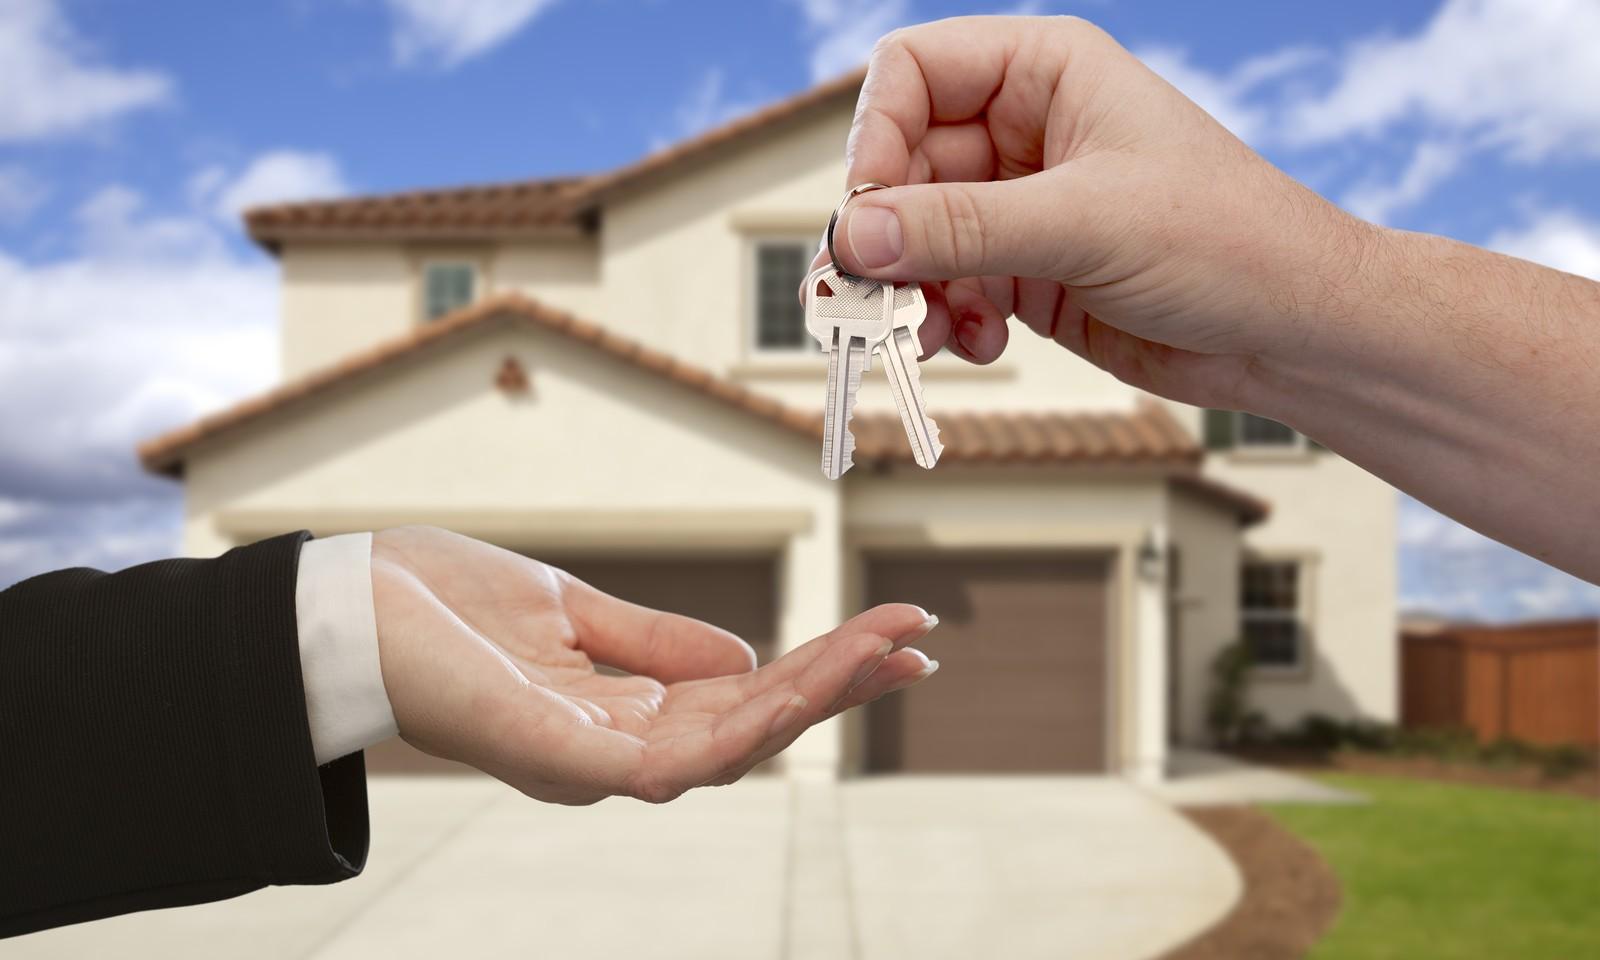 юрист консультация покупка квартиры